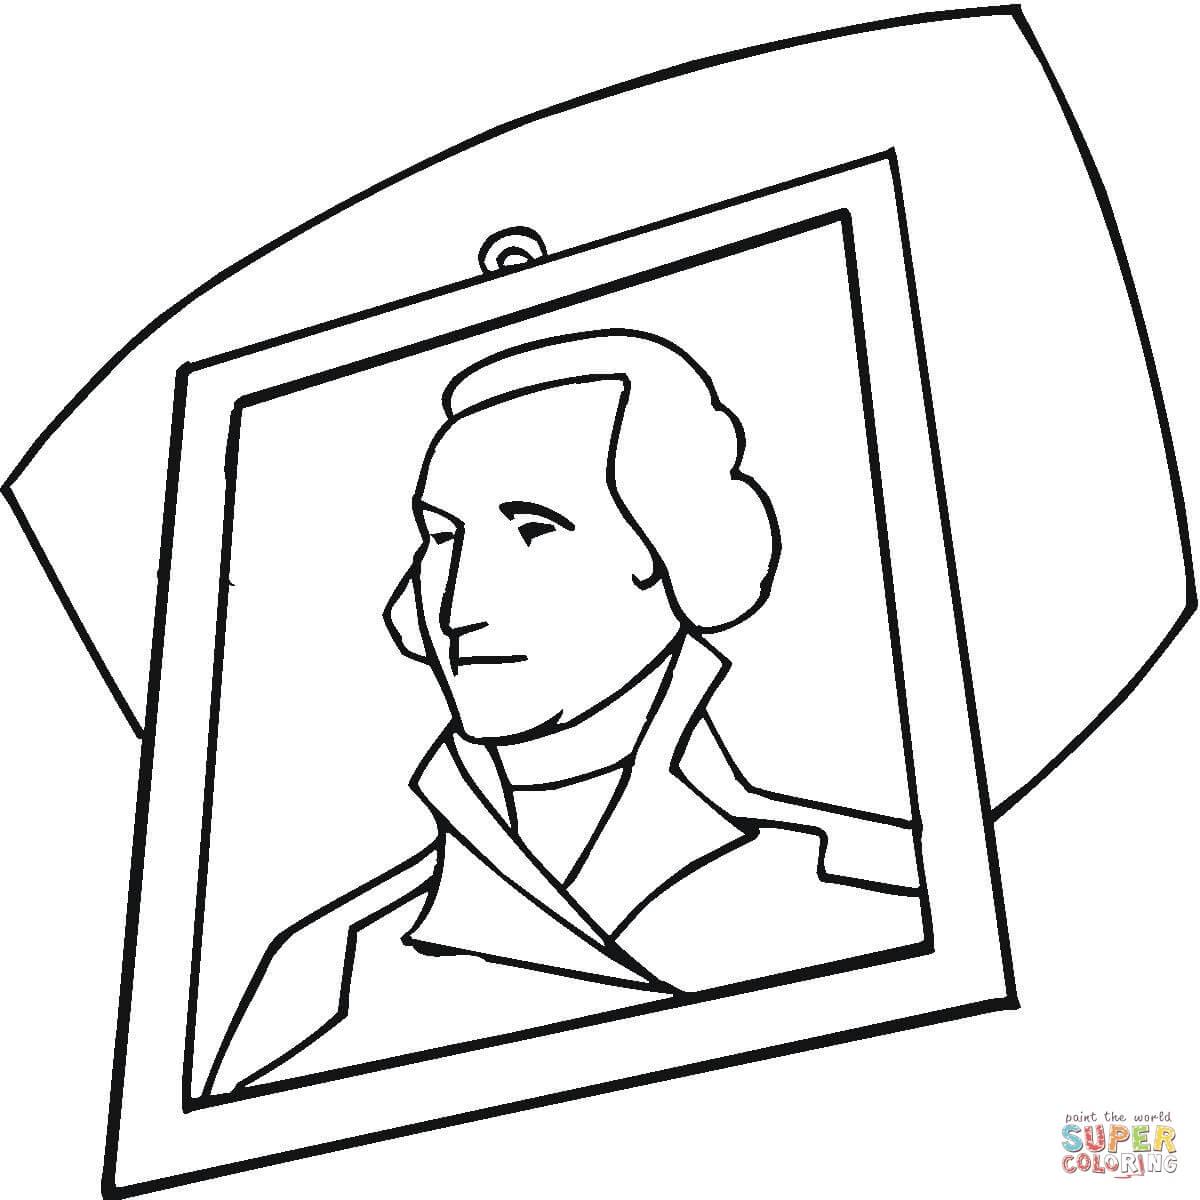 George Washington Portrait Coloring Page